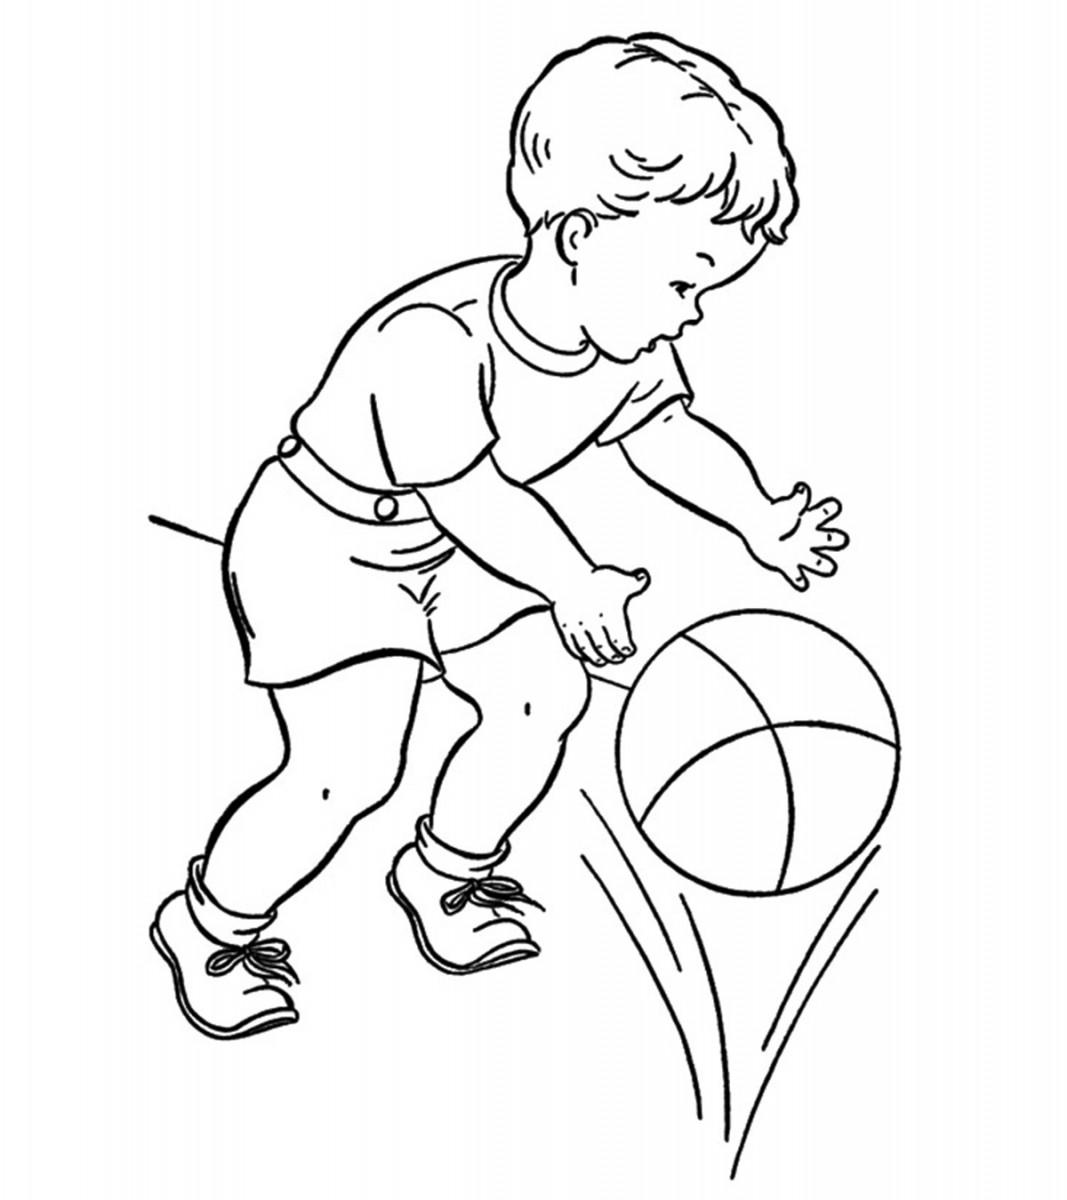 Bộ sưu tập tranh tô màu khinh khí cầu cho bé trai đẹp